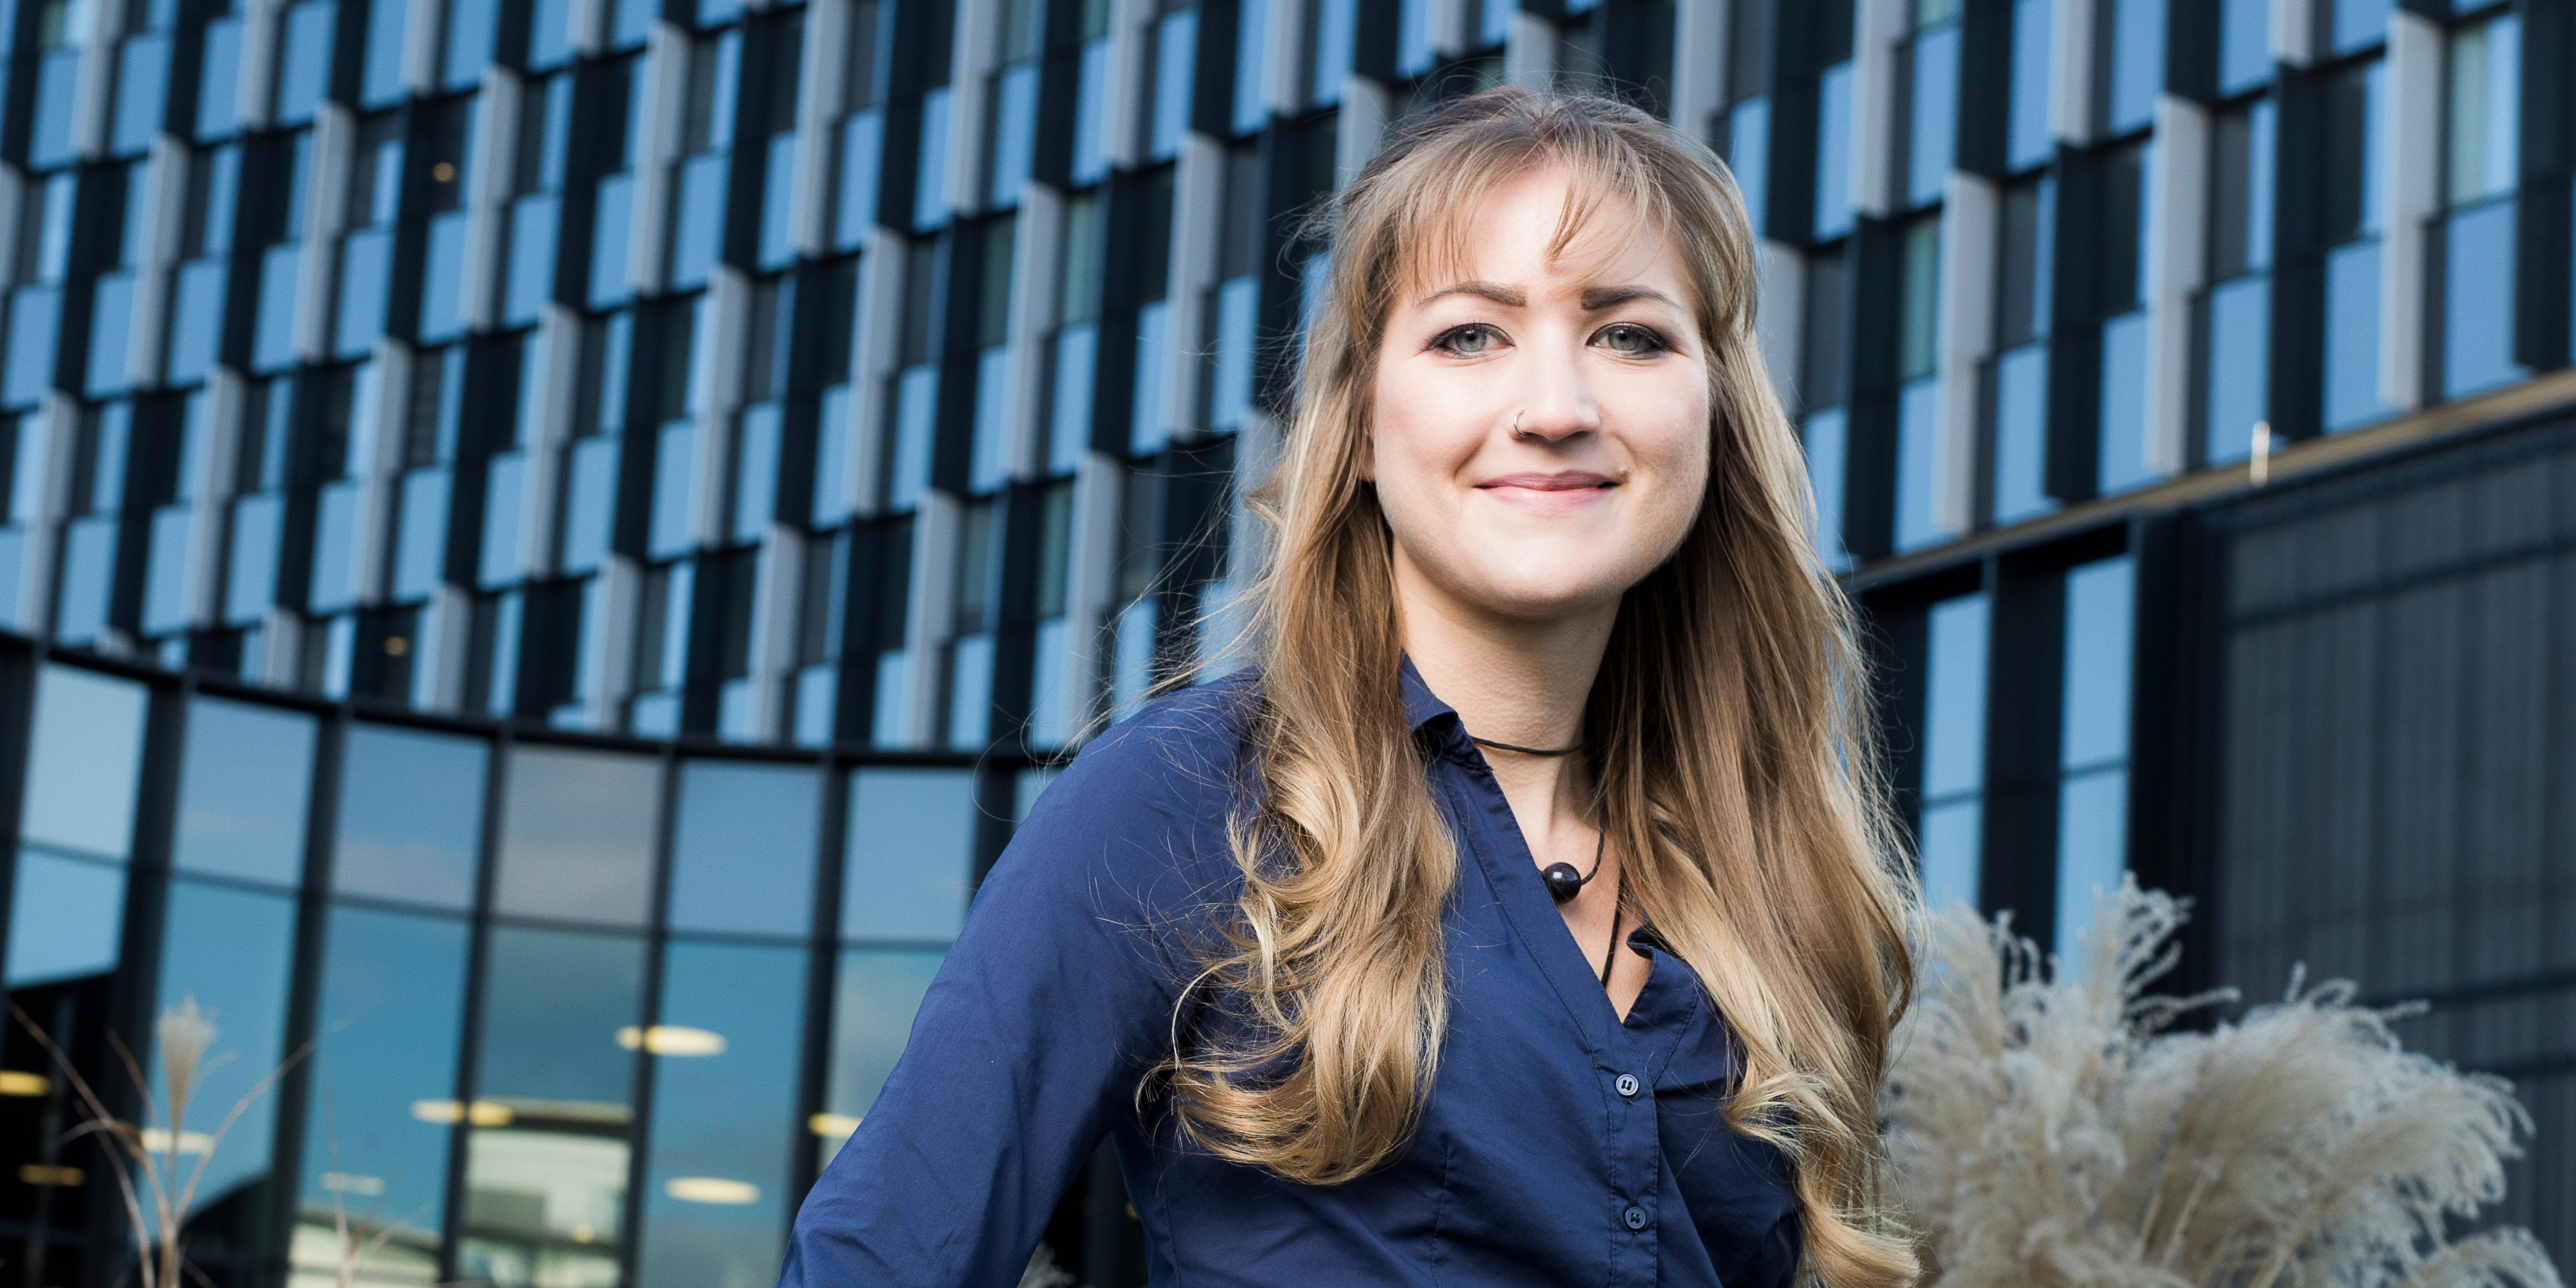 Vom Praktikum zur Fixanstellung: Victoria Binder arbeitet seit ihrem Studienabschluss als Bautechnikerin.